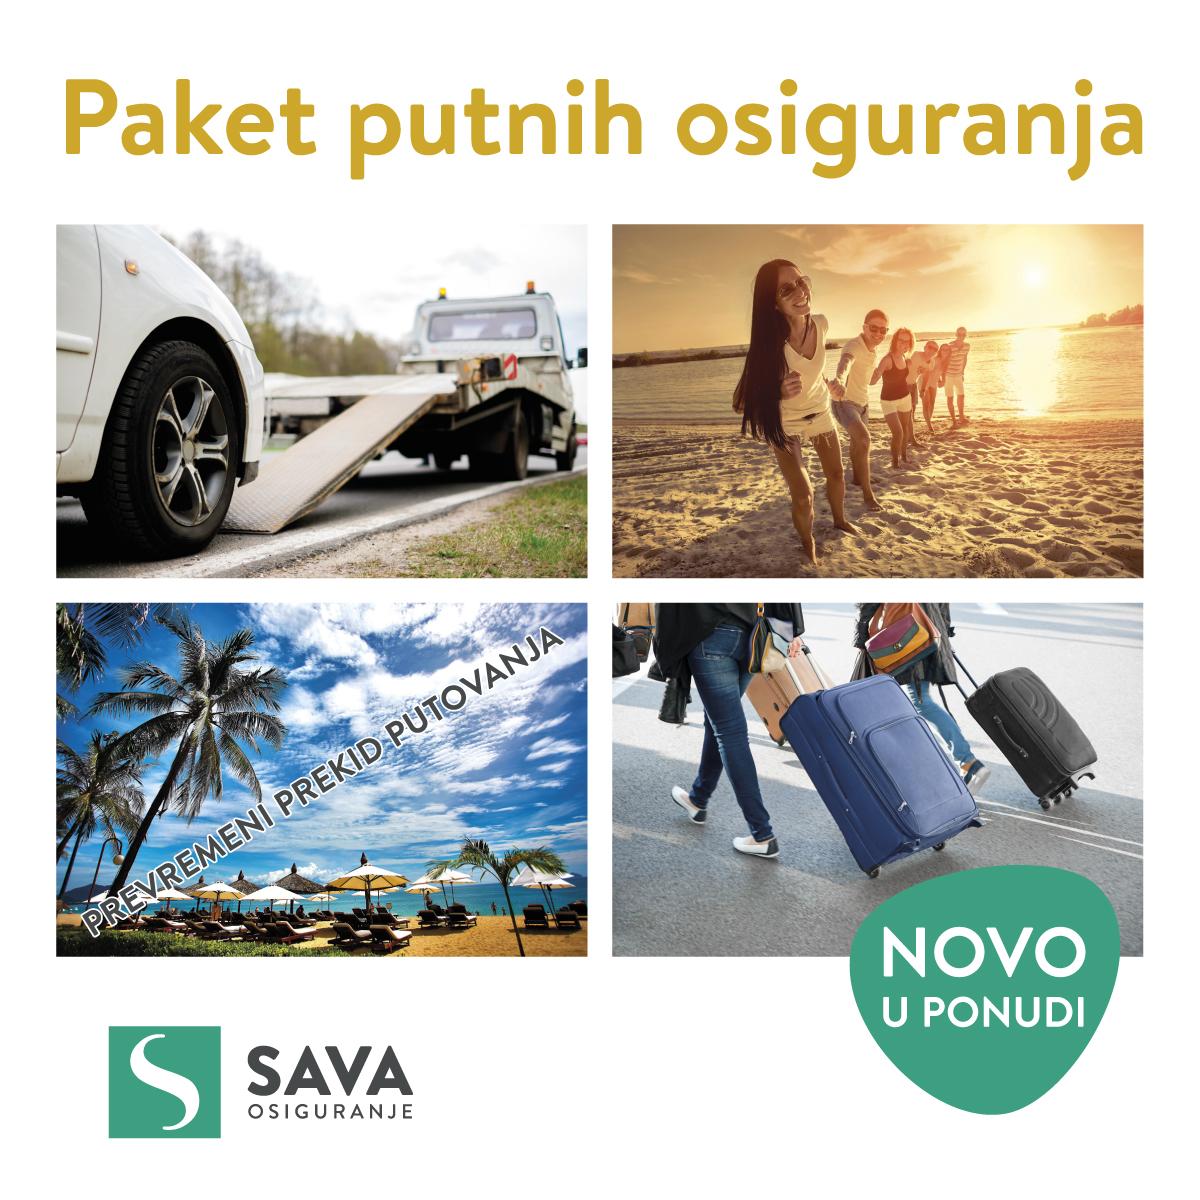 sava-putno-osiguranje1200